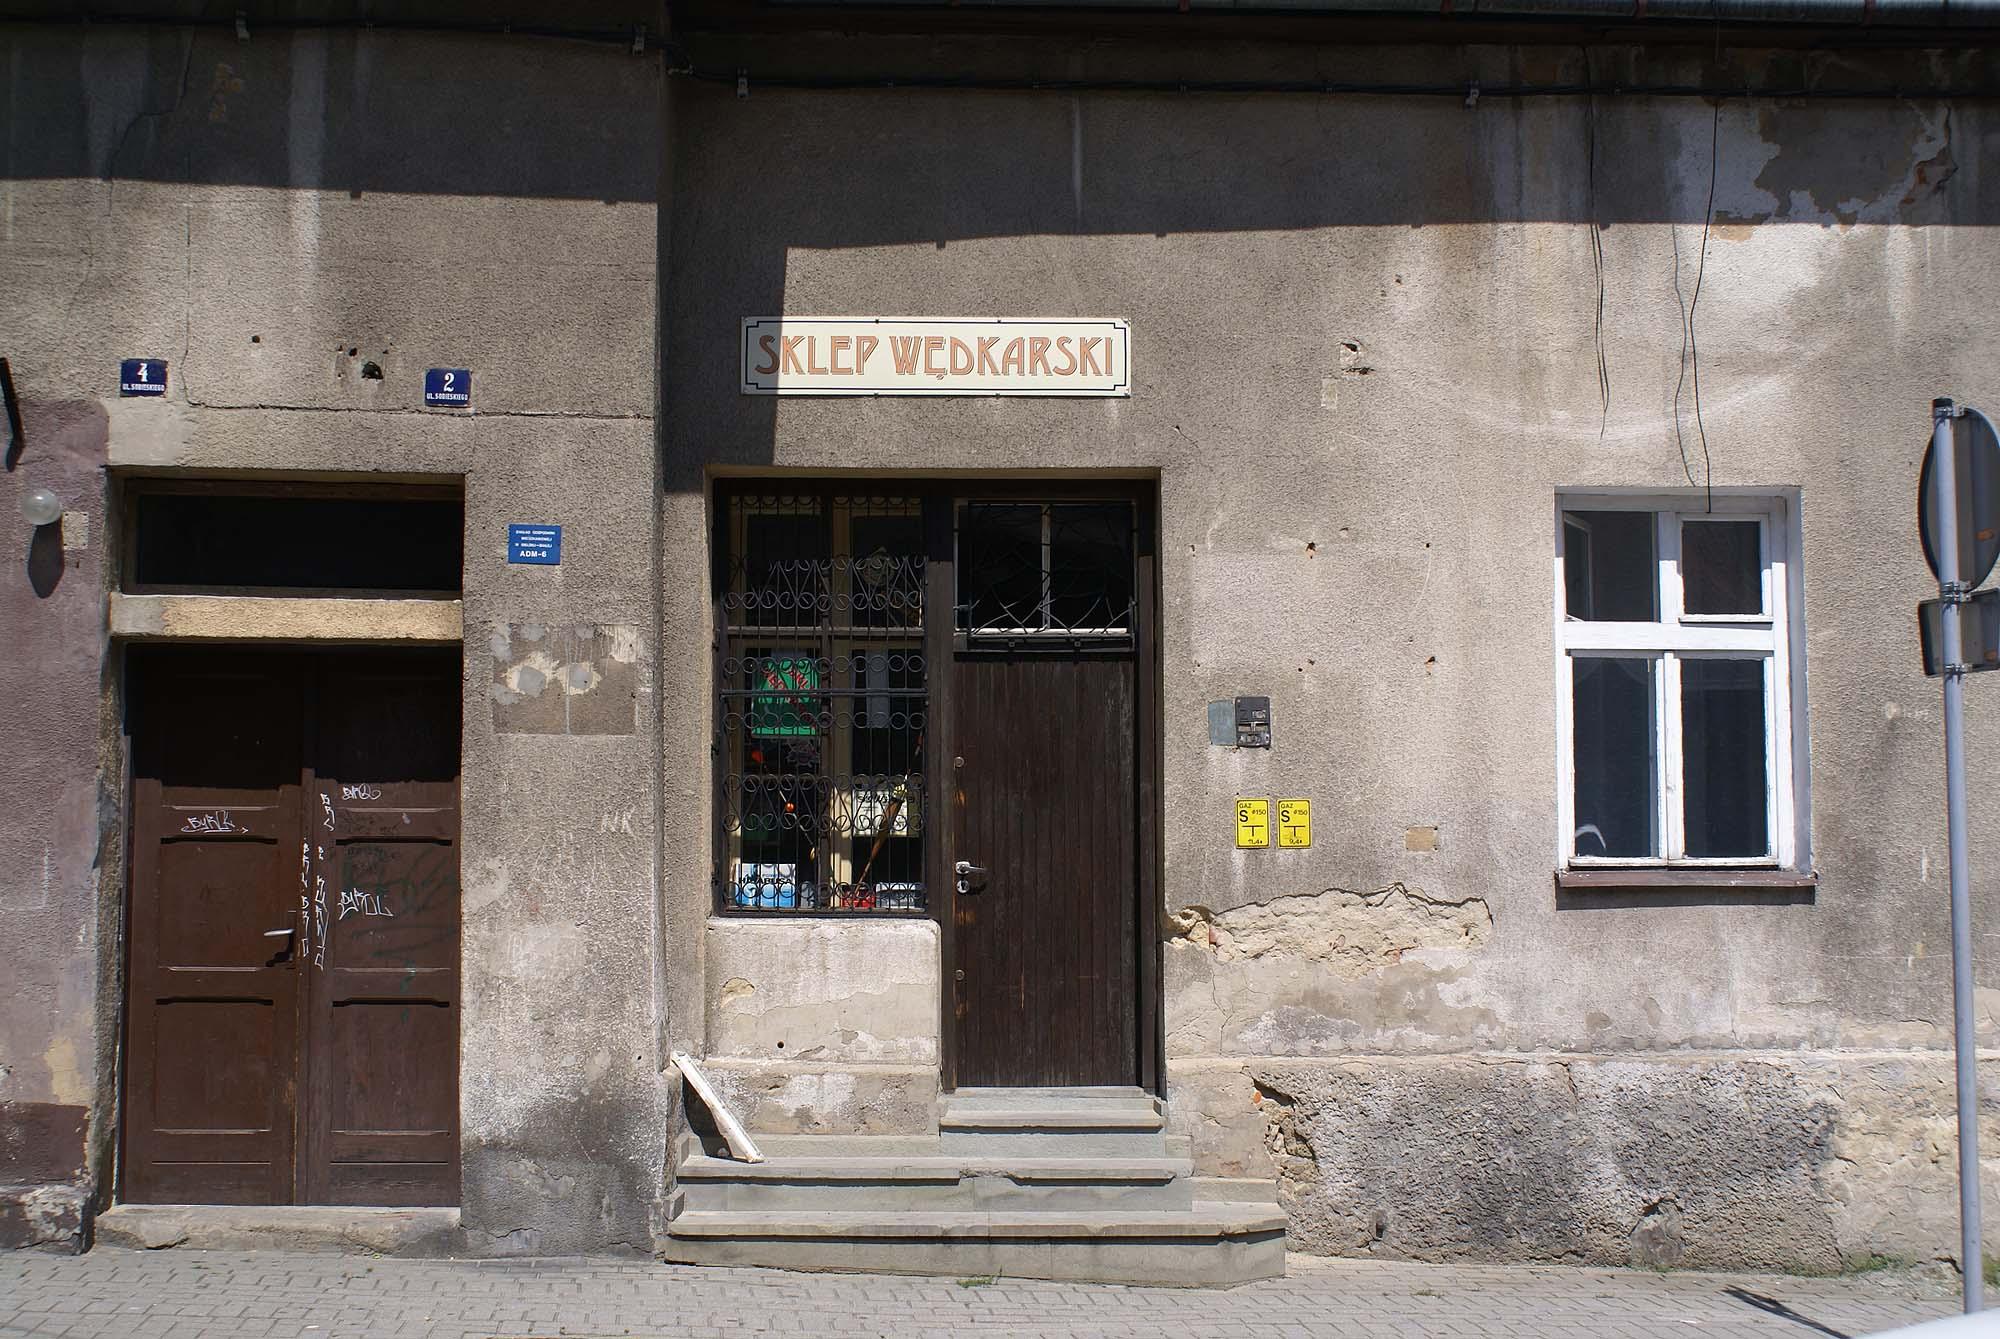 sklep wędkarski